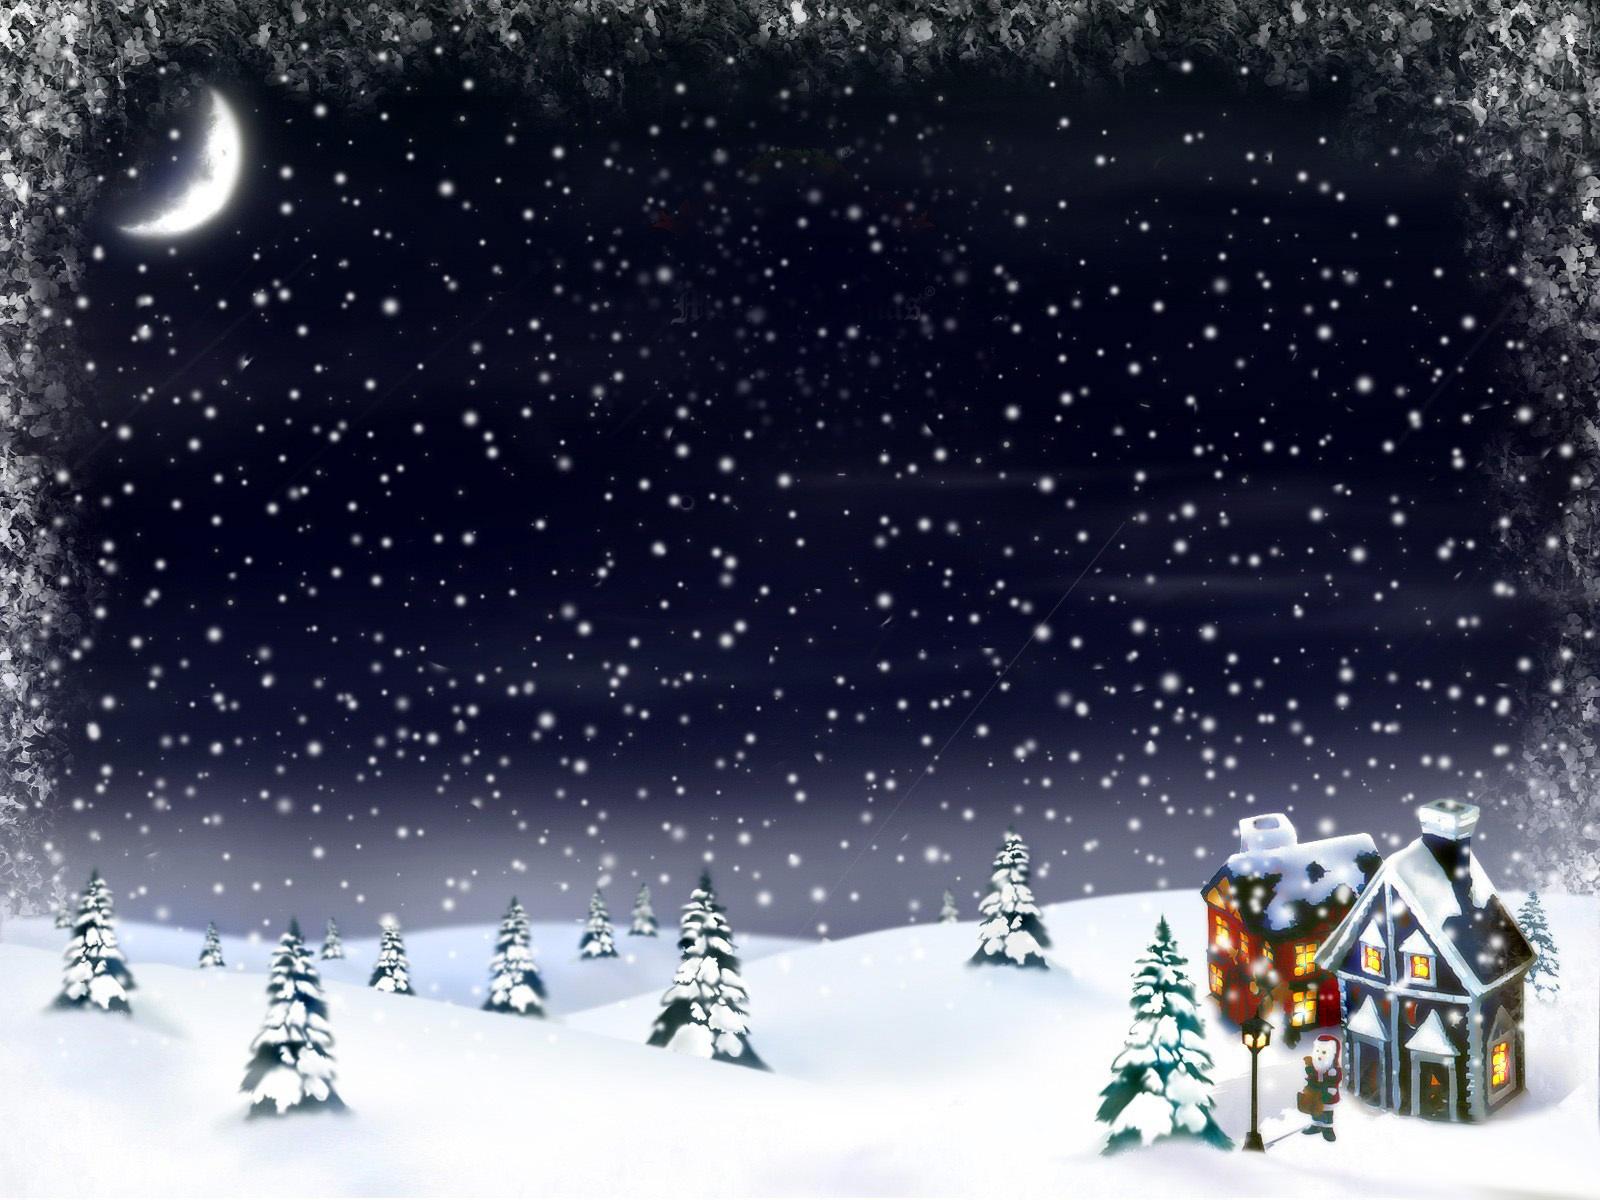 http://2.bp.blogspot.com/-CO2LIL42ZUA/Tt0f8zYZeUI/AAAAAAAABbk/GtEQI2HluqM/s1600/christmas_195-1600x1200.jpg